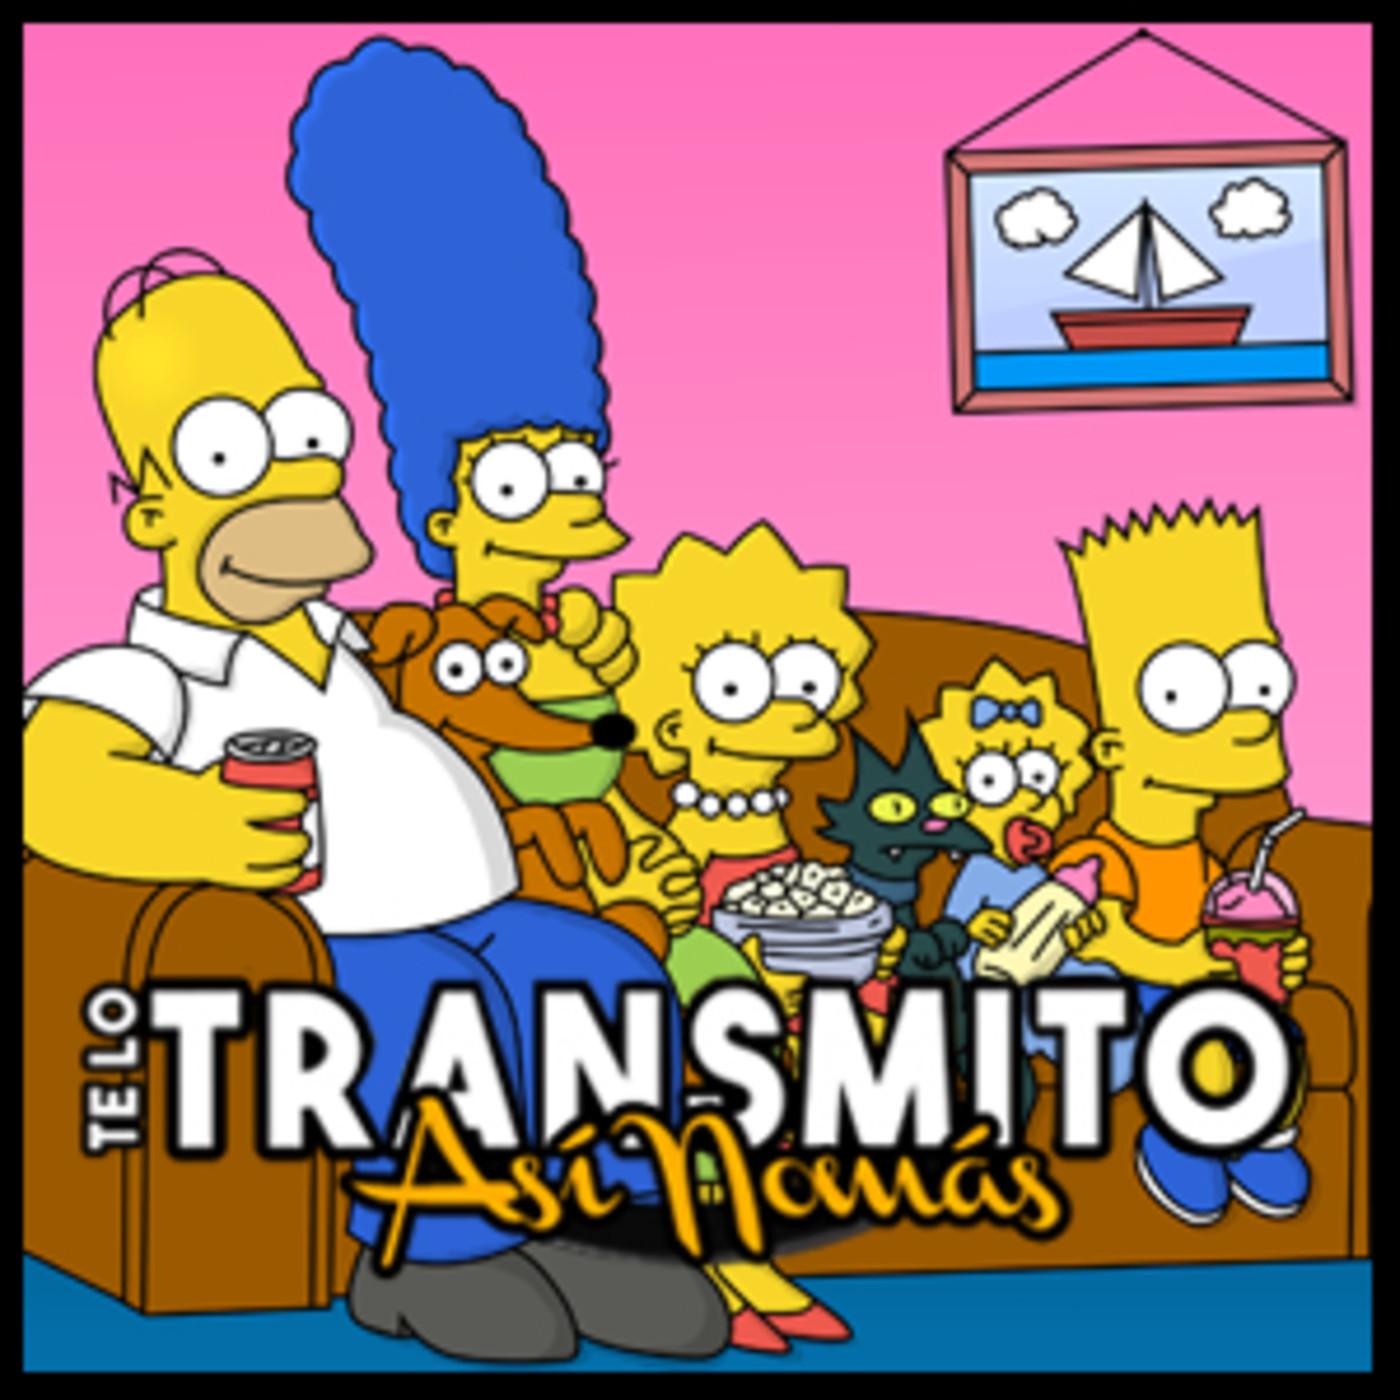 Te Lo Transmito Así Nomás 29 El De Los Simpsons En Te Lo Transmito Así Nomás En Mp3 22 03 A Las 00 22 21 02 24 35 17693209 Ivoox